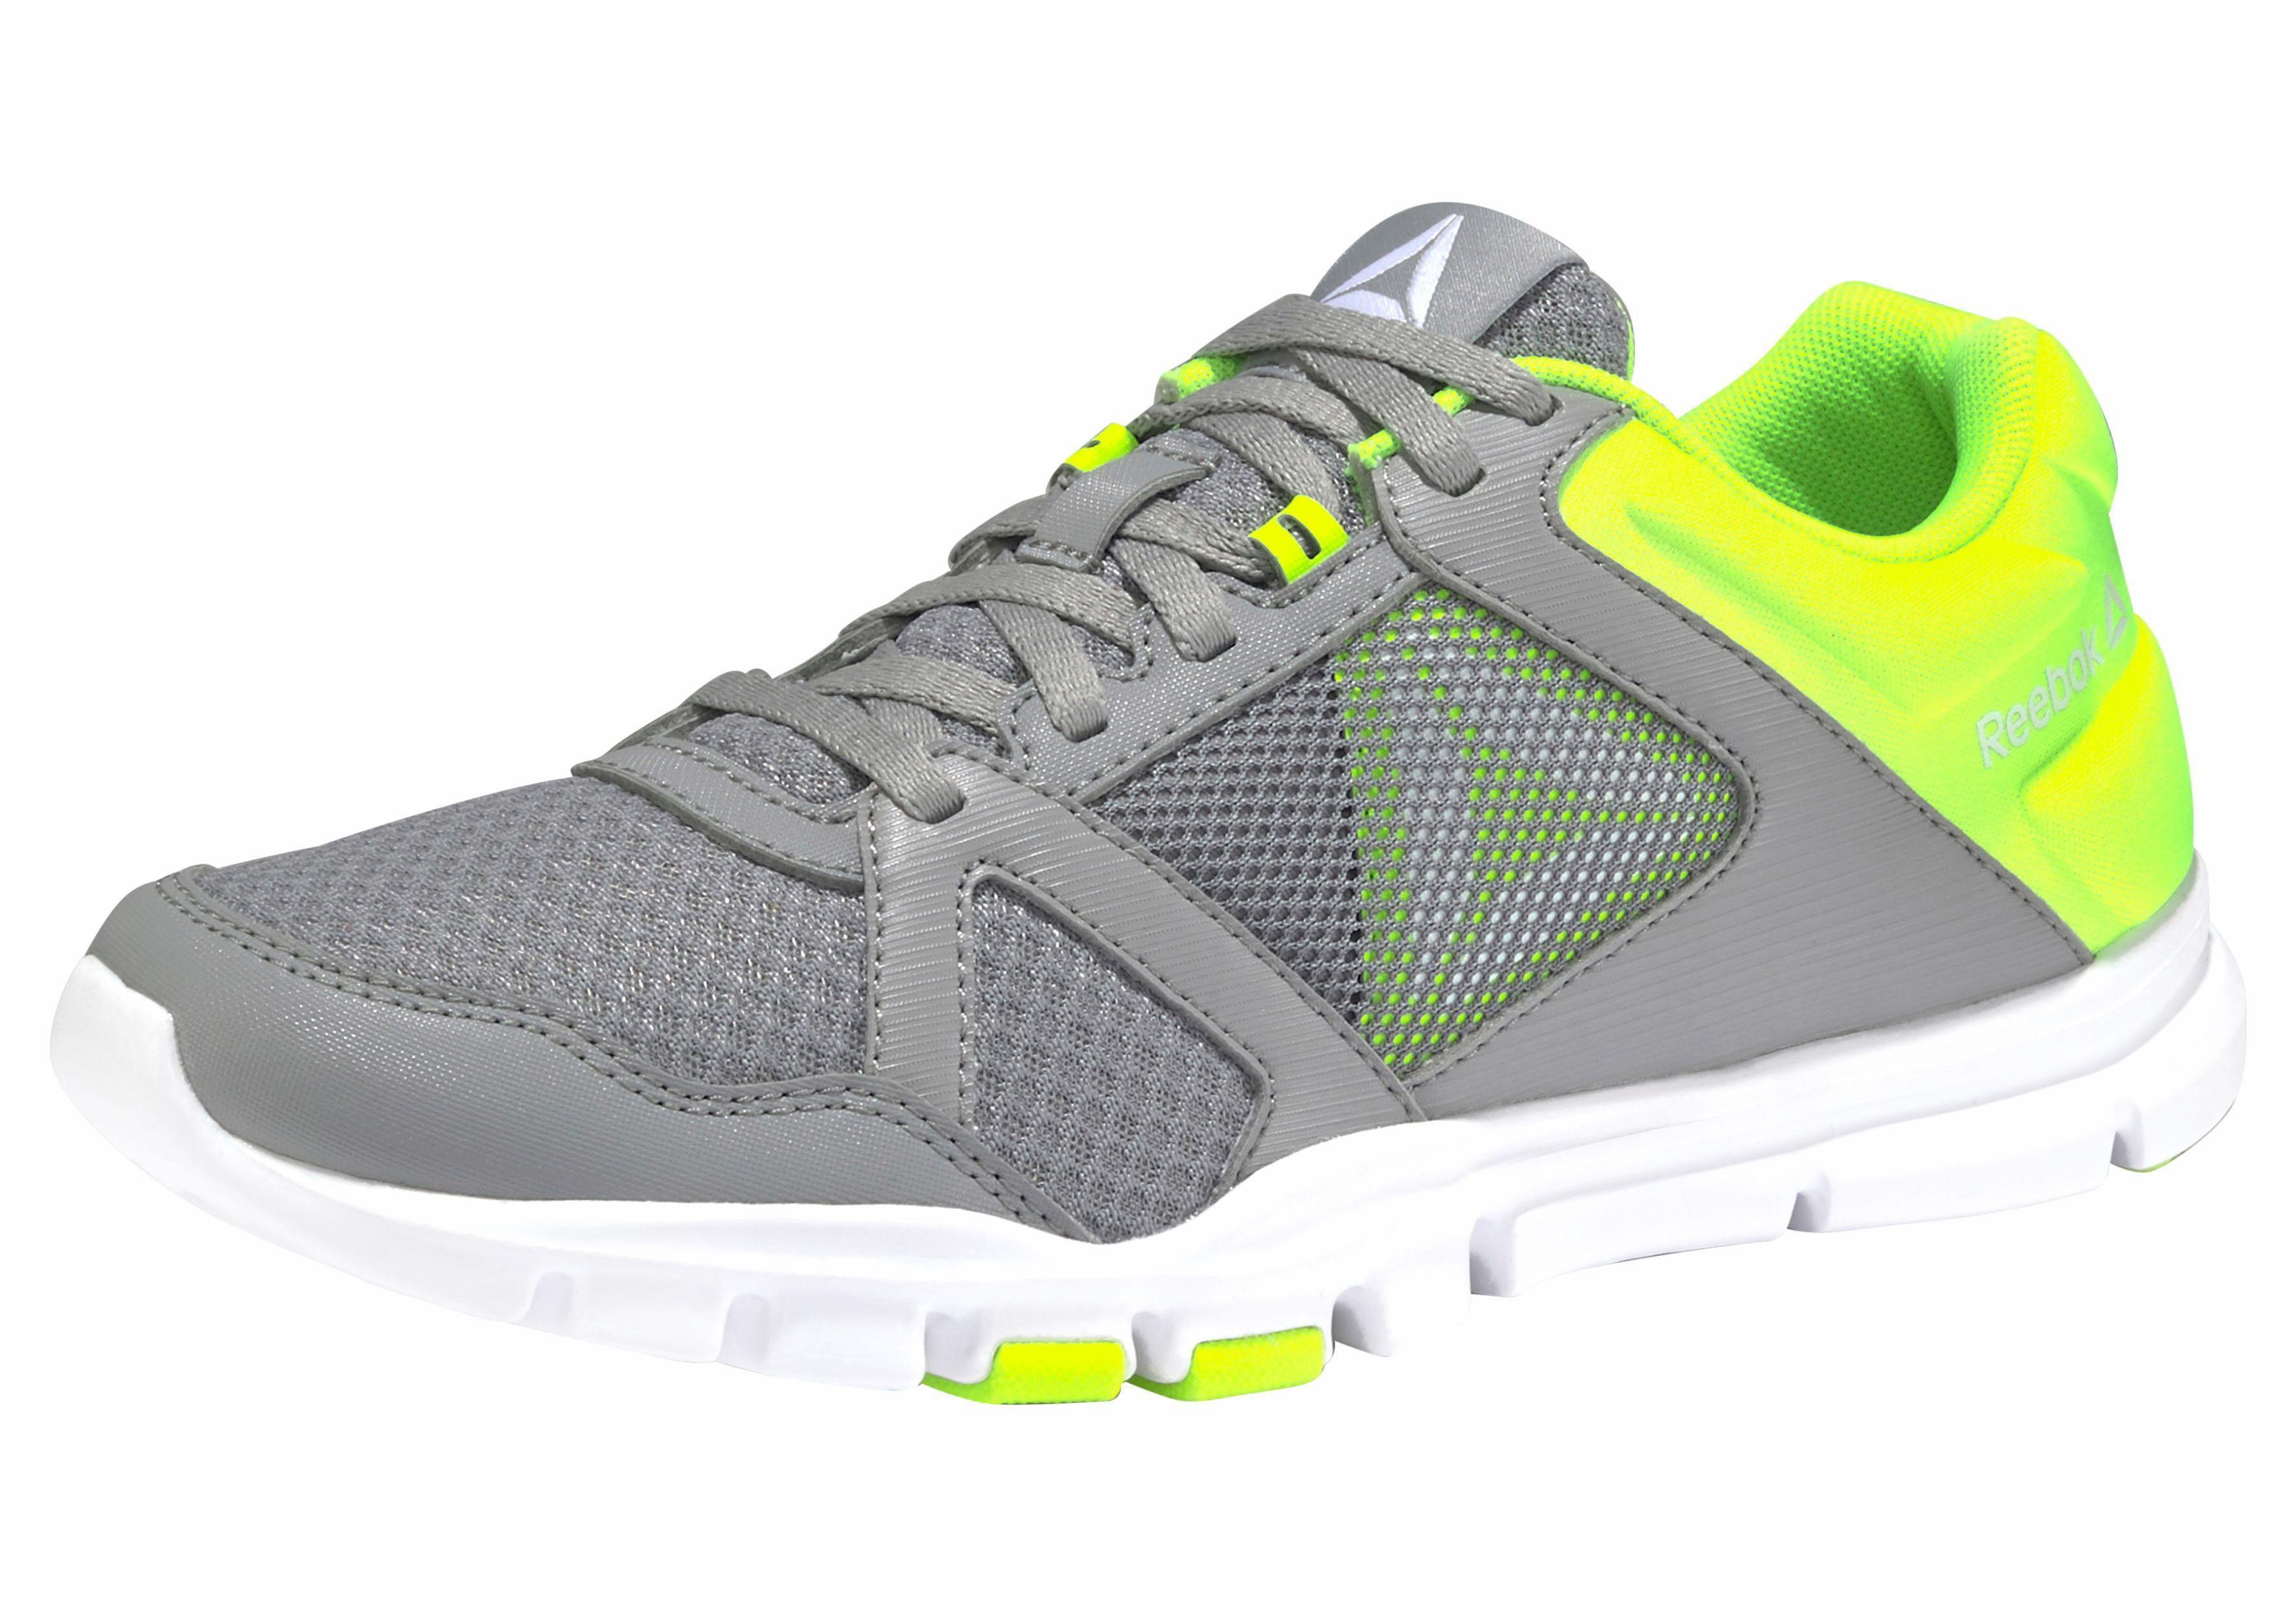 Reebok Yourflex Trainette Fitnessschuh kaufen  grau-neongelb